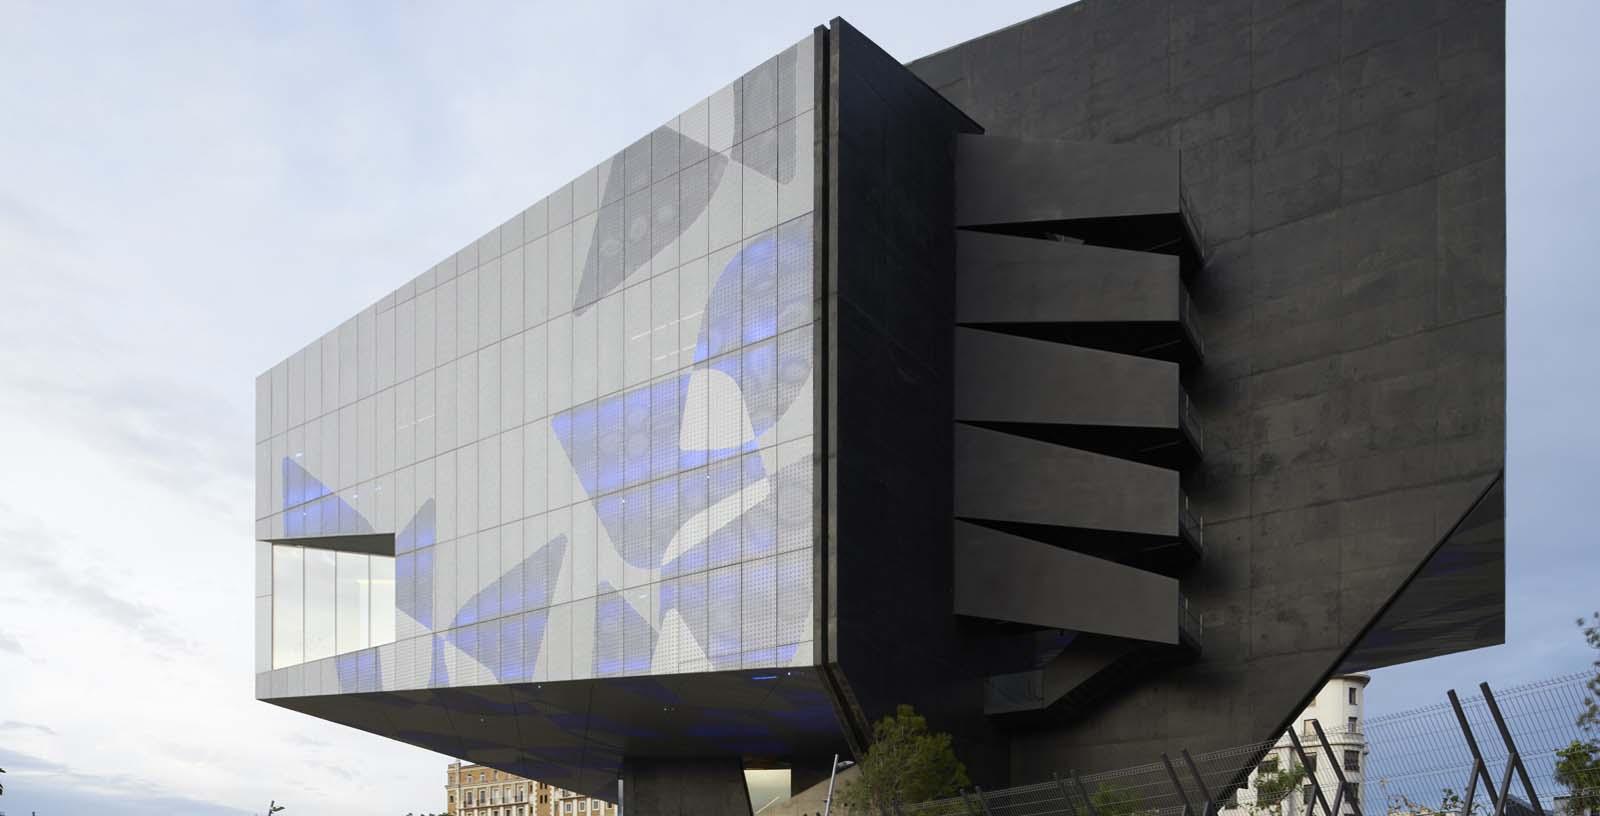 Caixa_Forum_Zaragoza_02_Project_Management_Idom__Idom